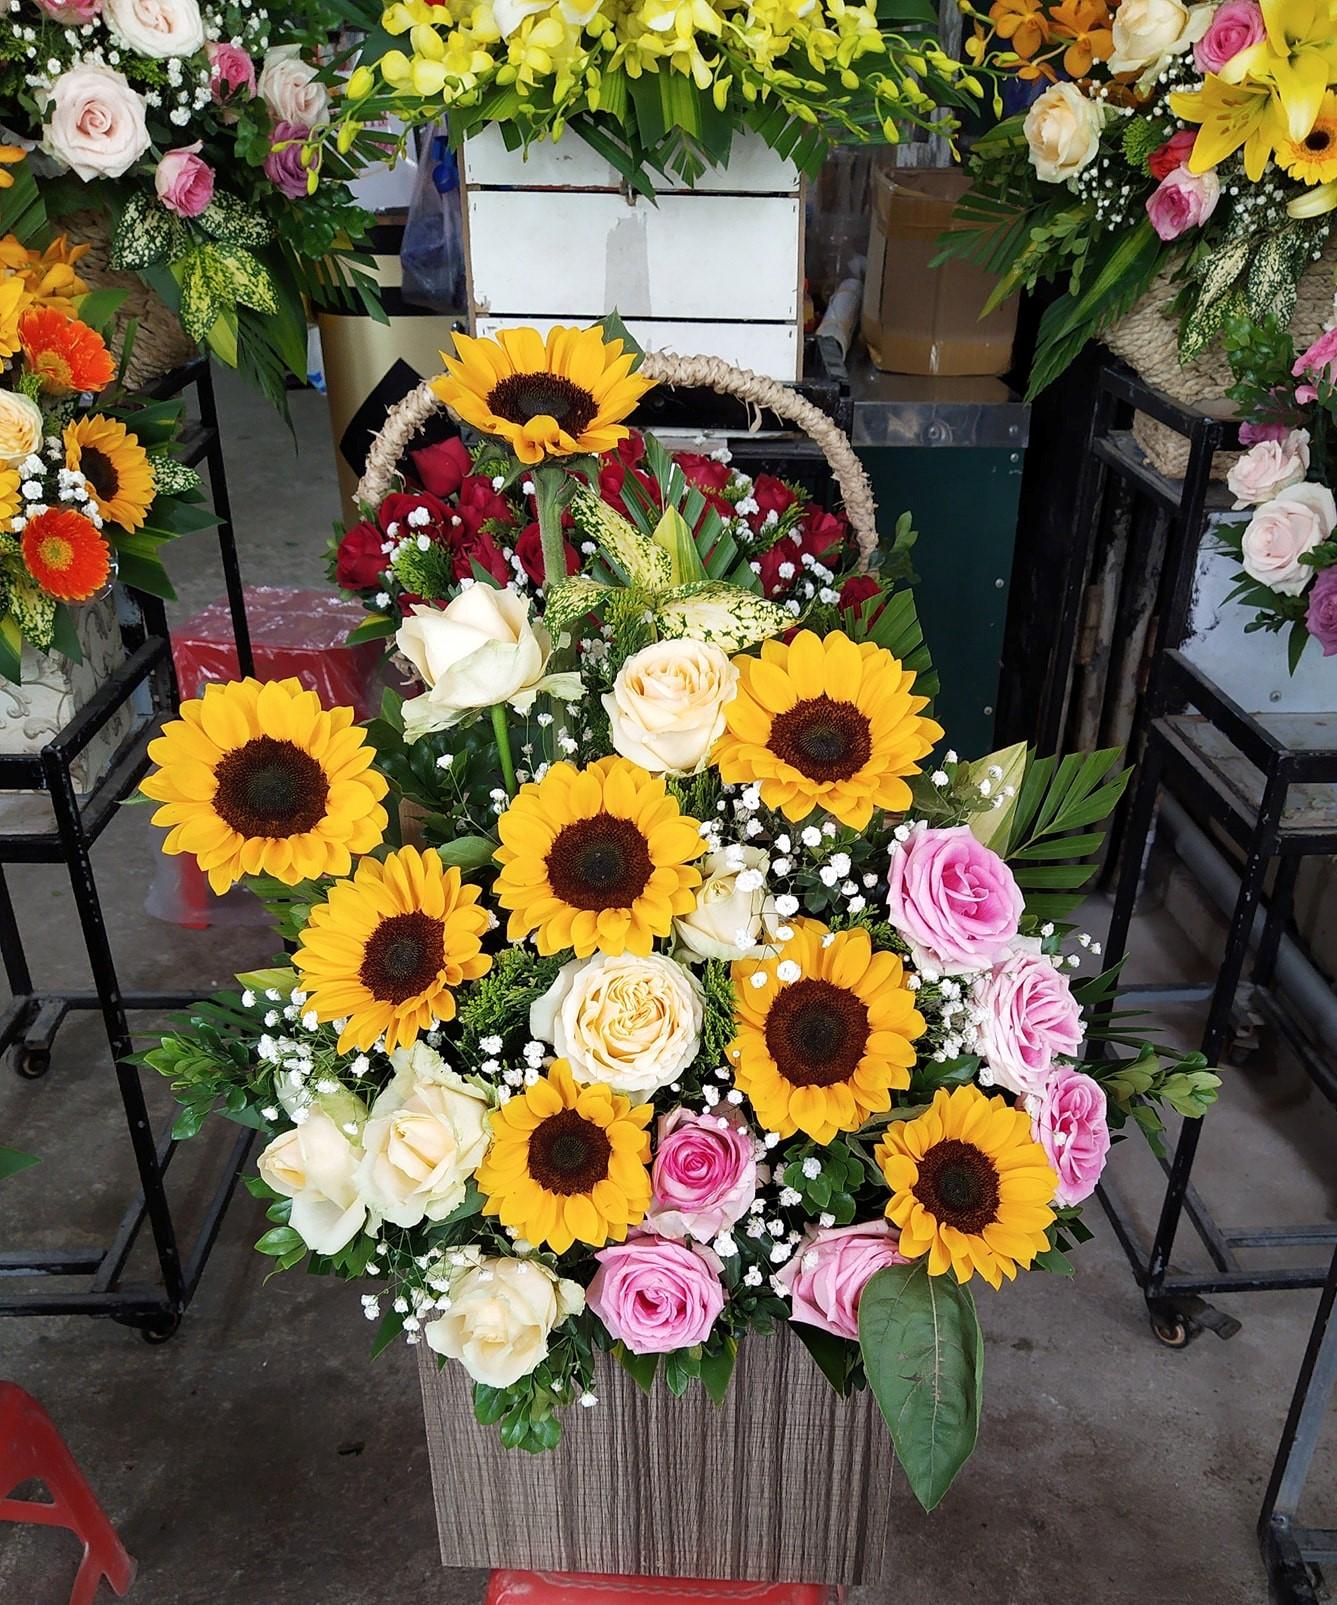 Shop hoa tươi thành phố Vinh nghệ an